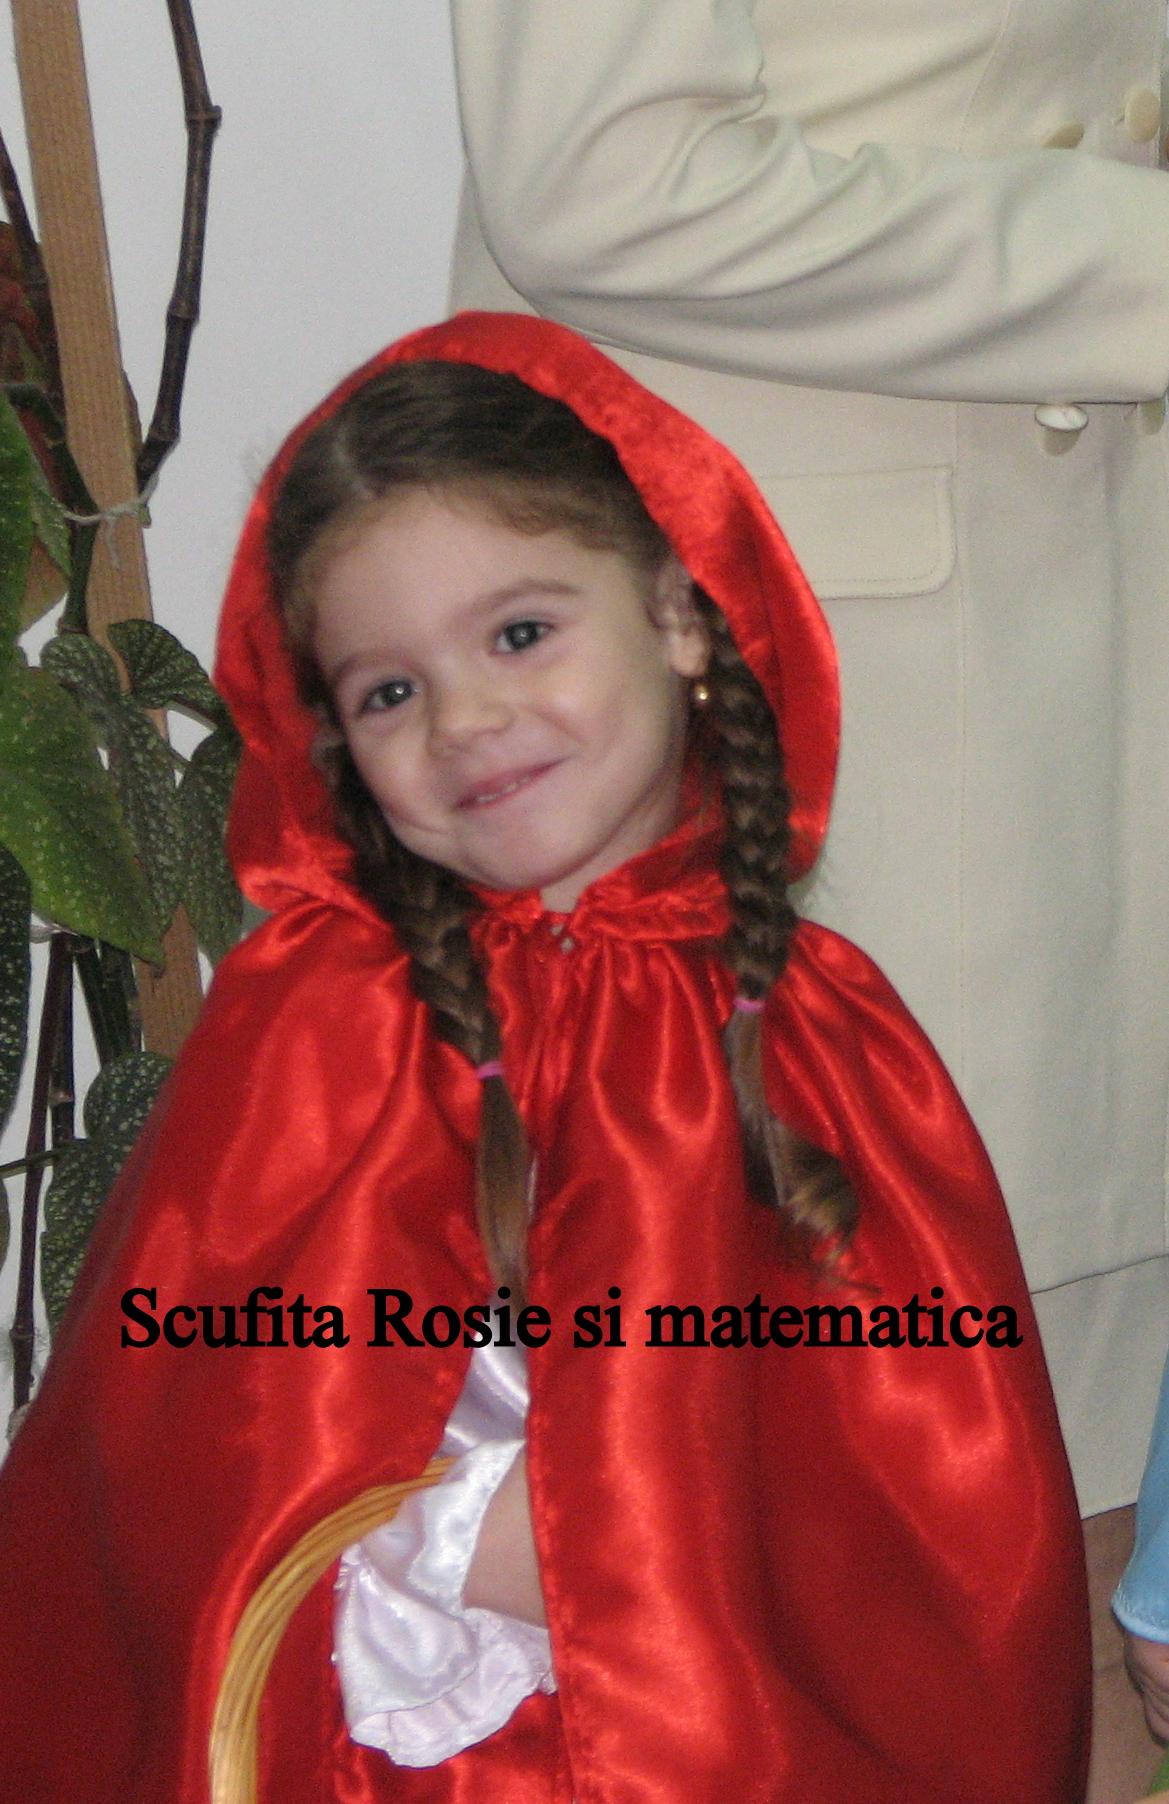 Scufiţa Roşie şi matematica (4)